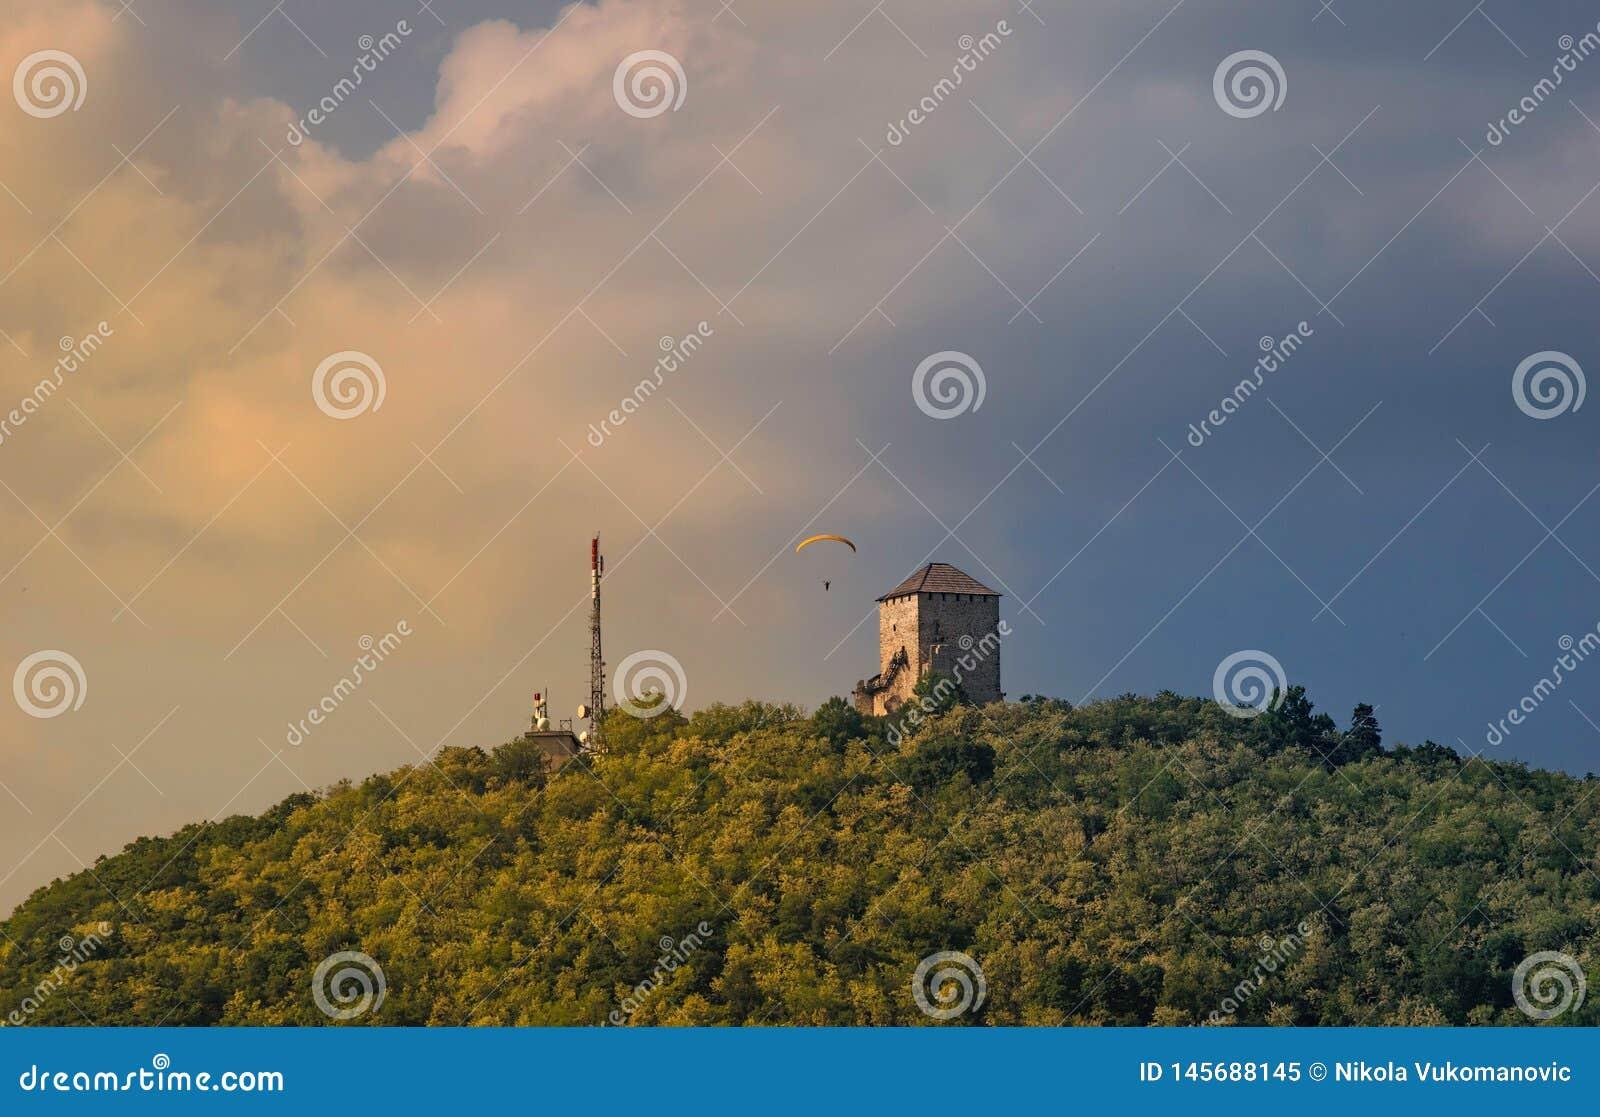 Torre no meio de uma natureza bonita na cidade de Vrsac